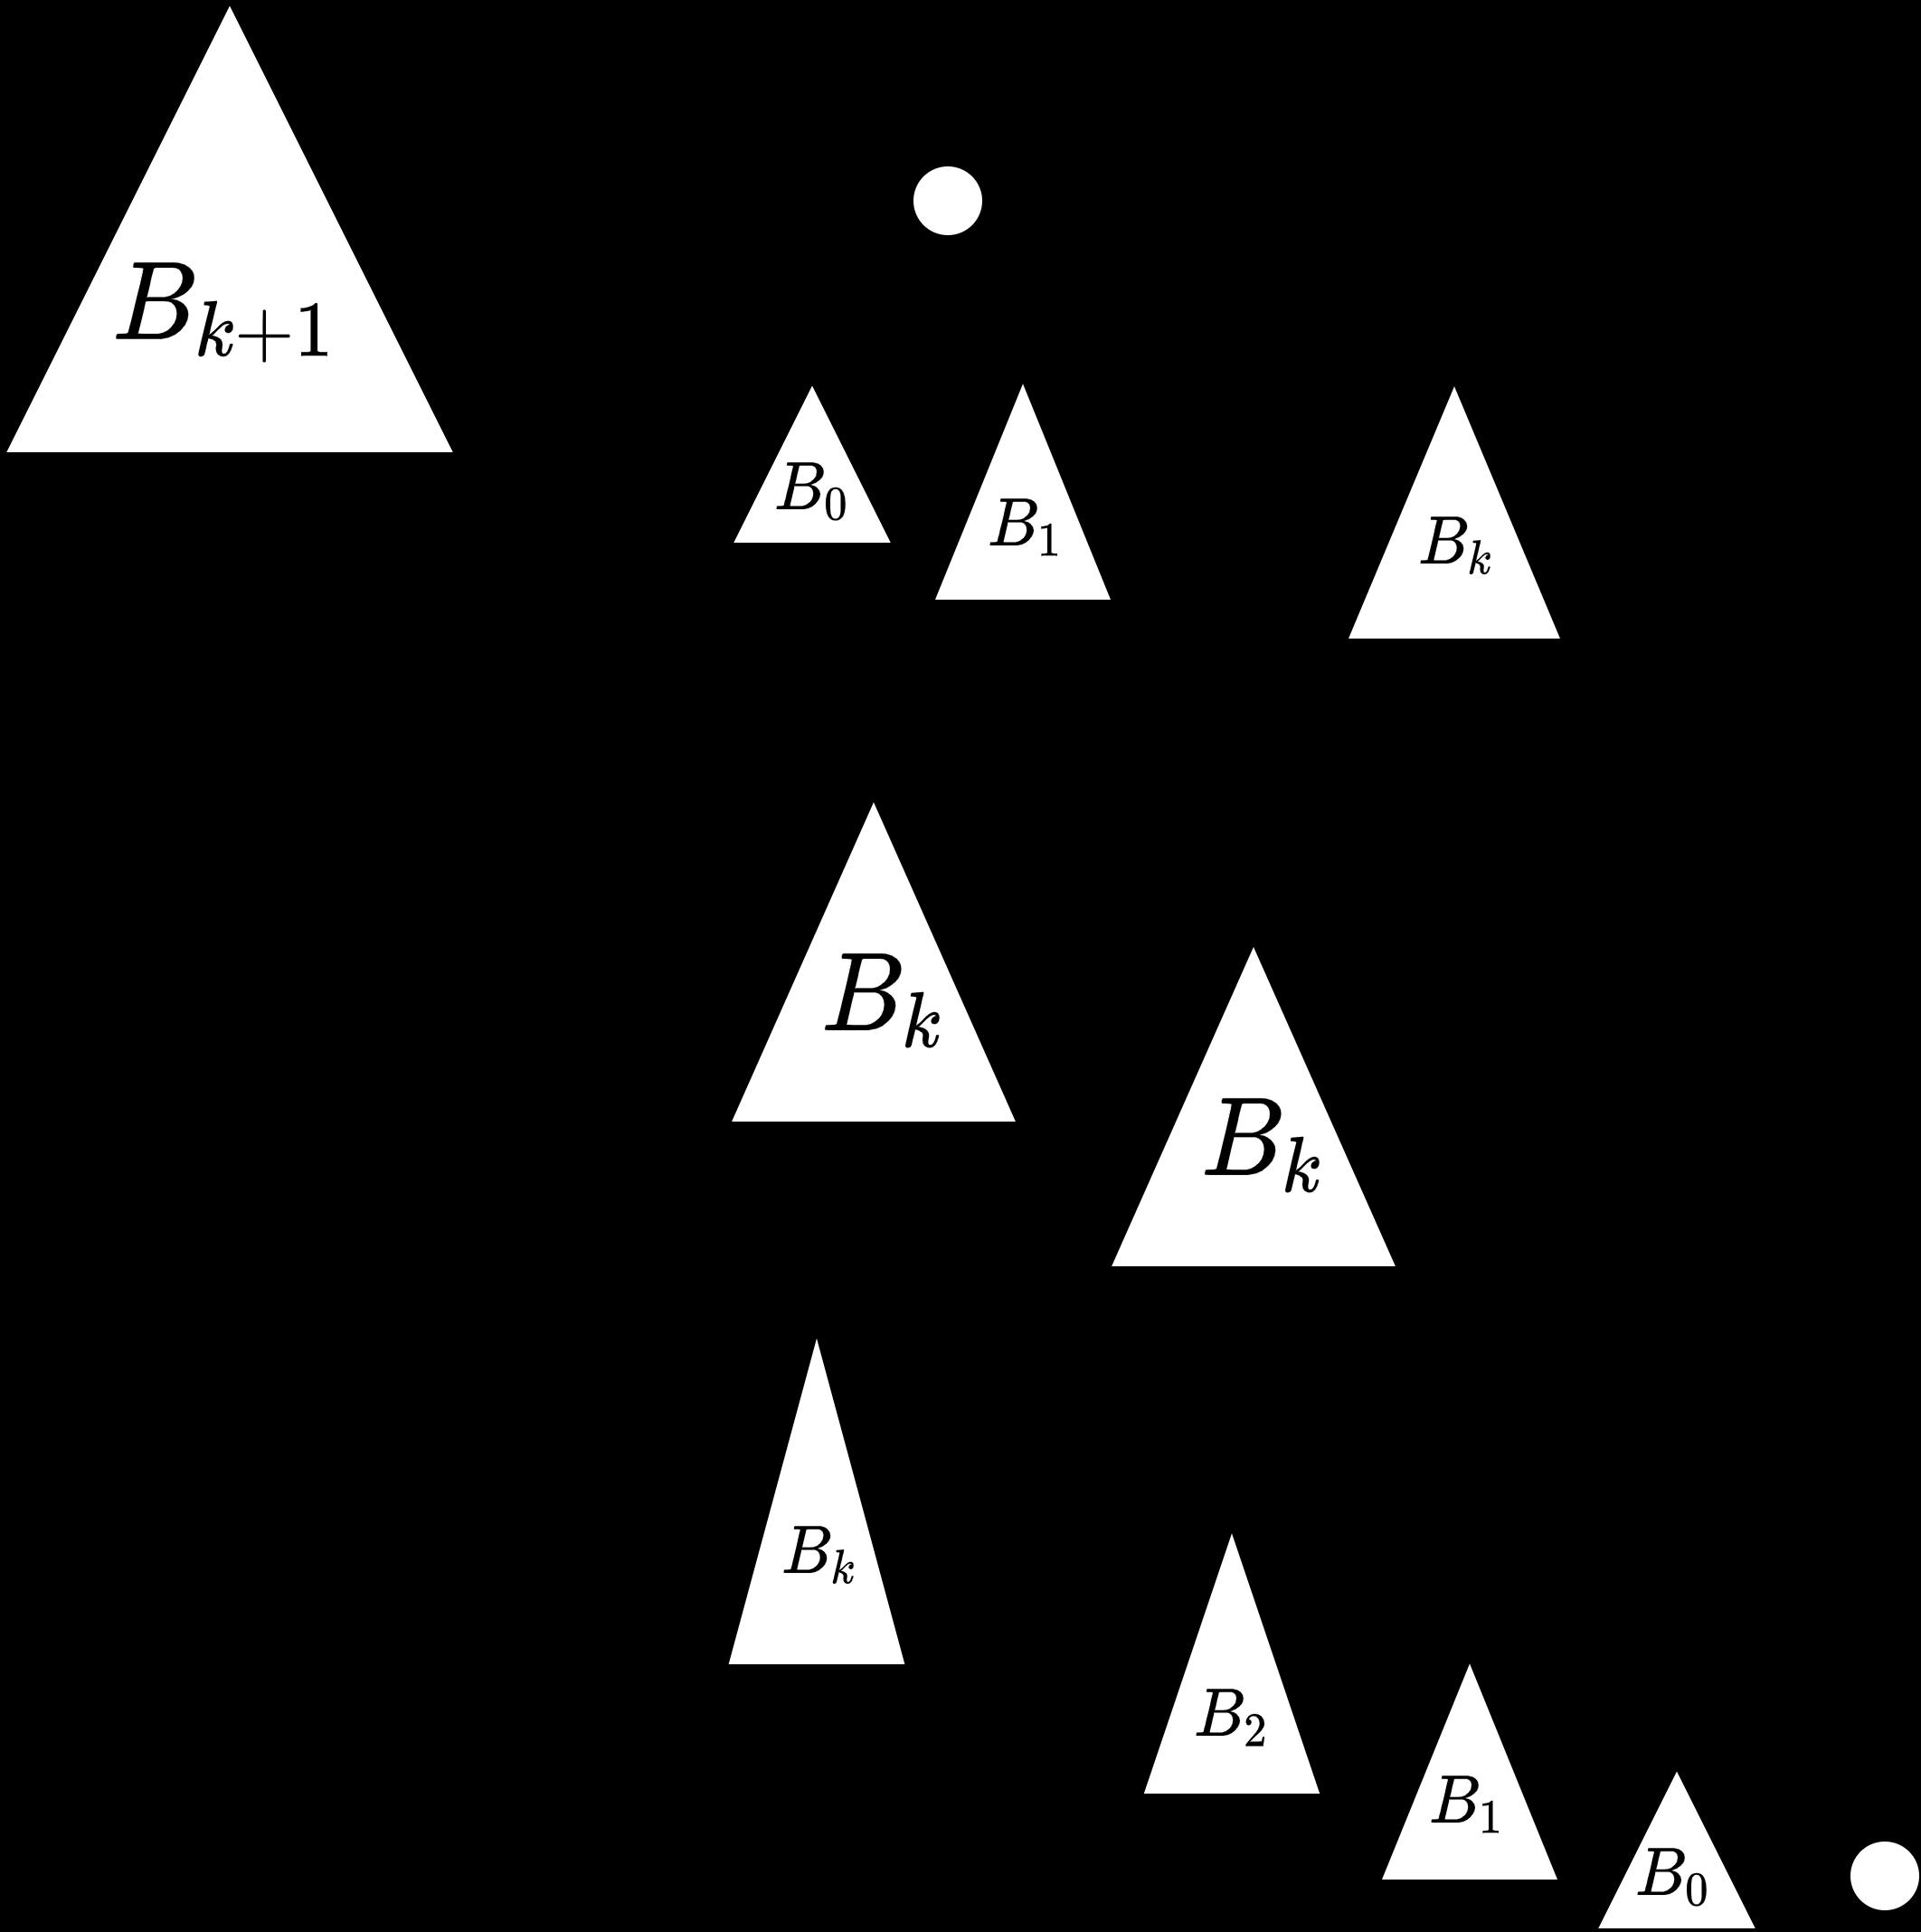 二項木の構成方法